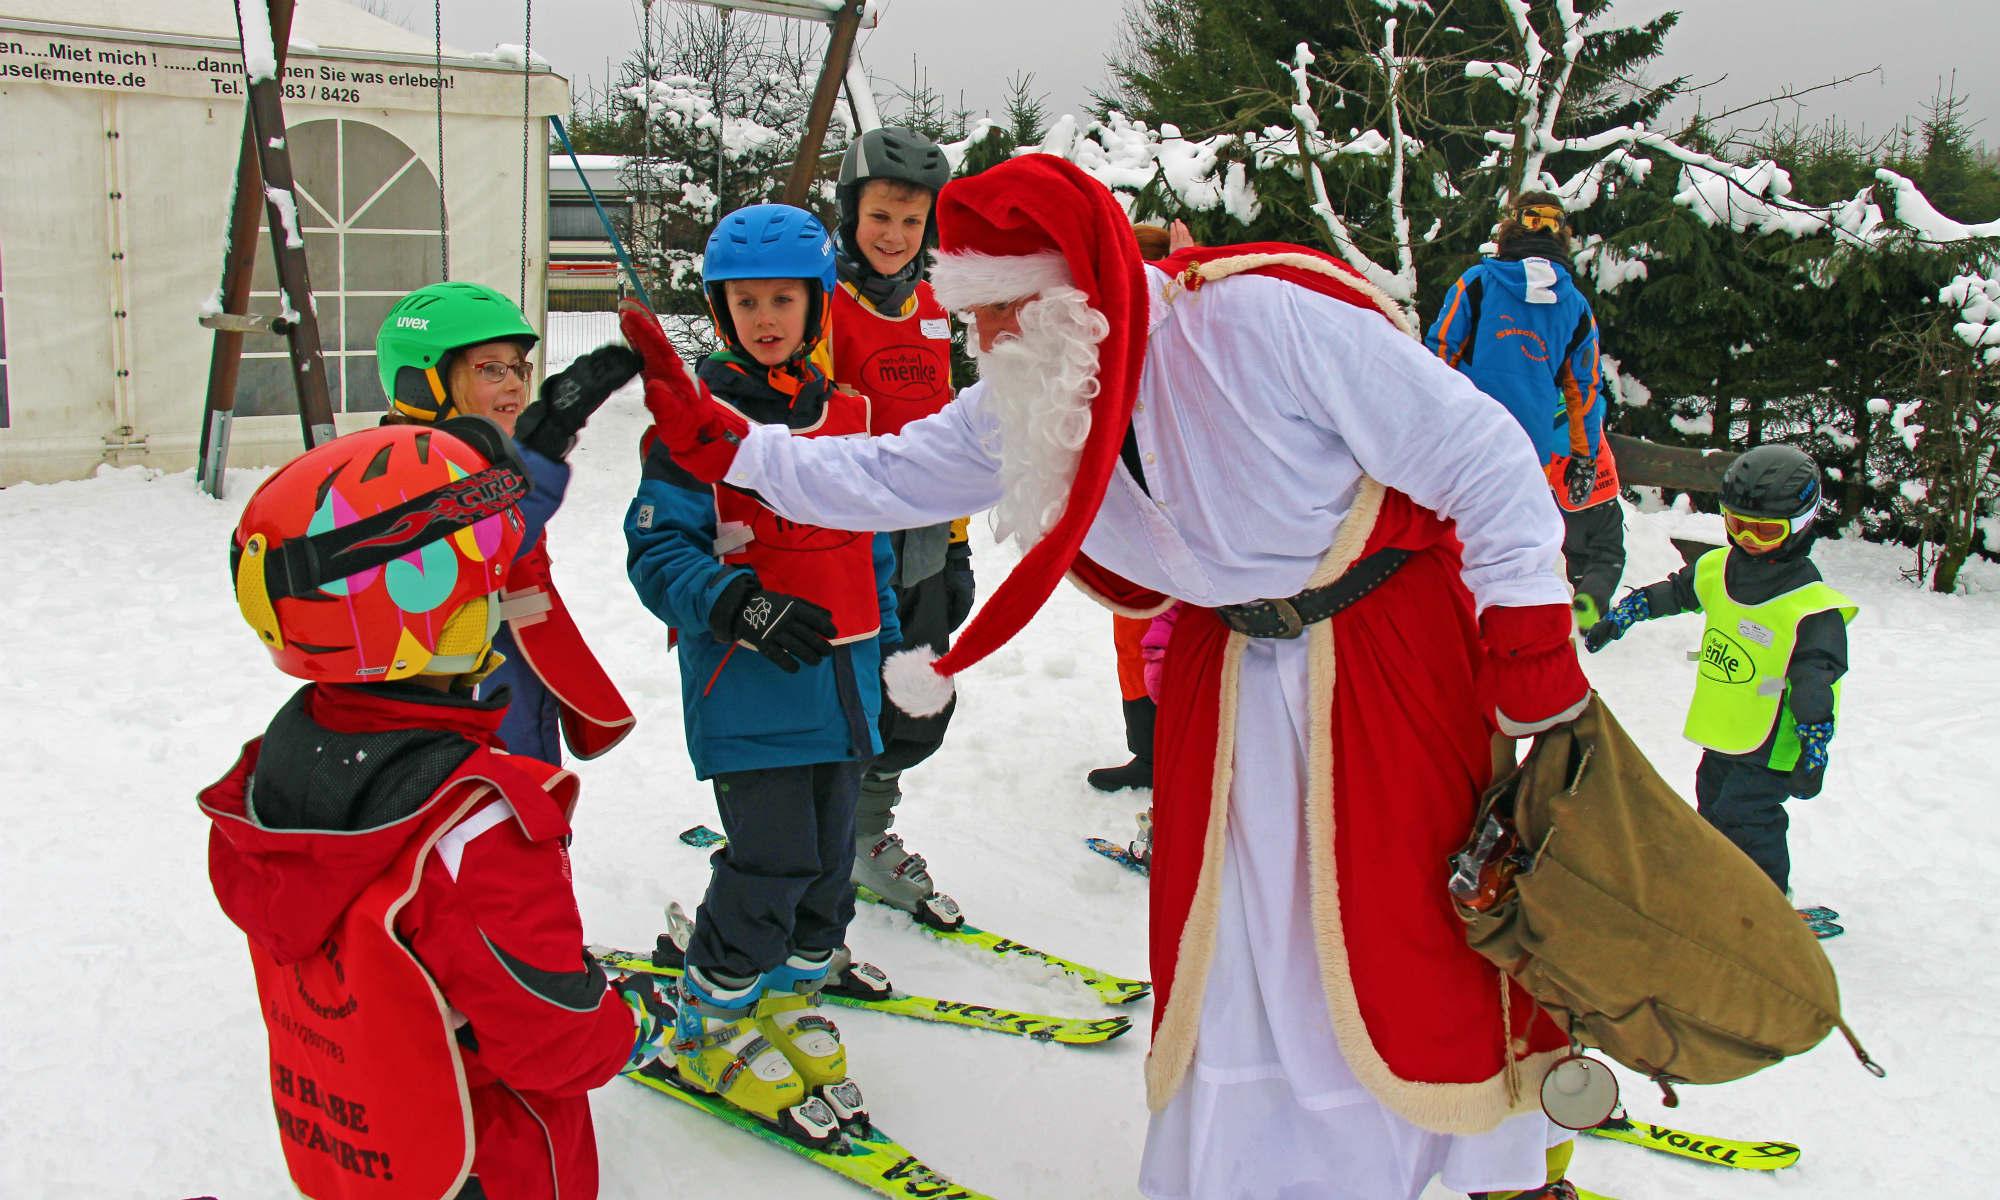 Kinder werden beim Skikurs vom Weihnachtsmann besucht.